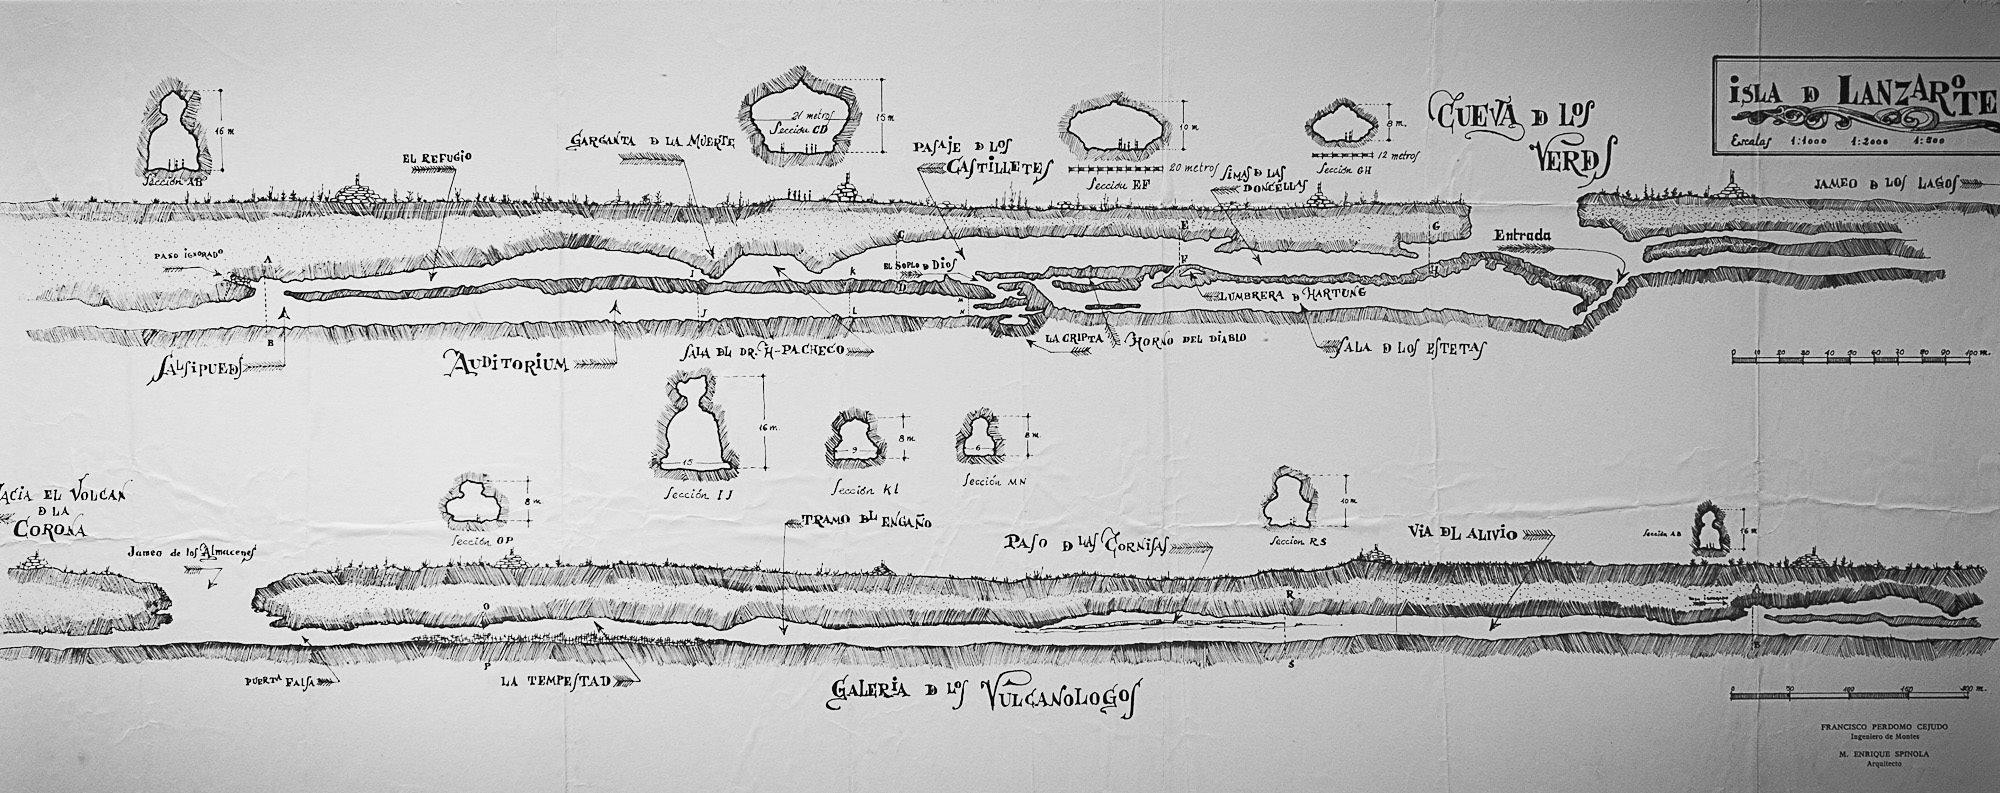 Plano geológico de la Cueva de los Verdes (Lanzarote)